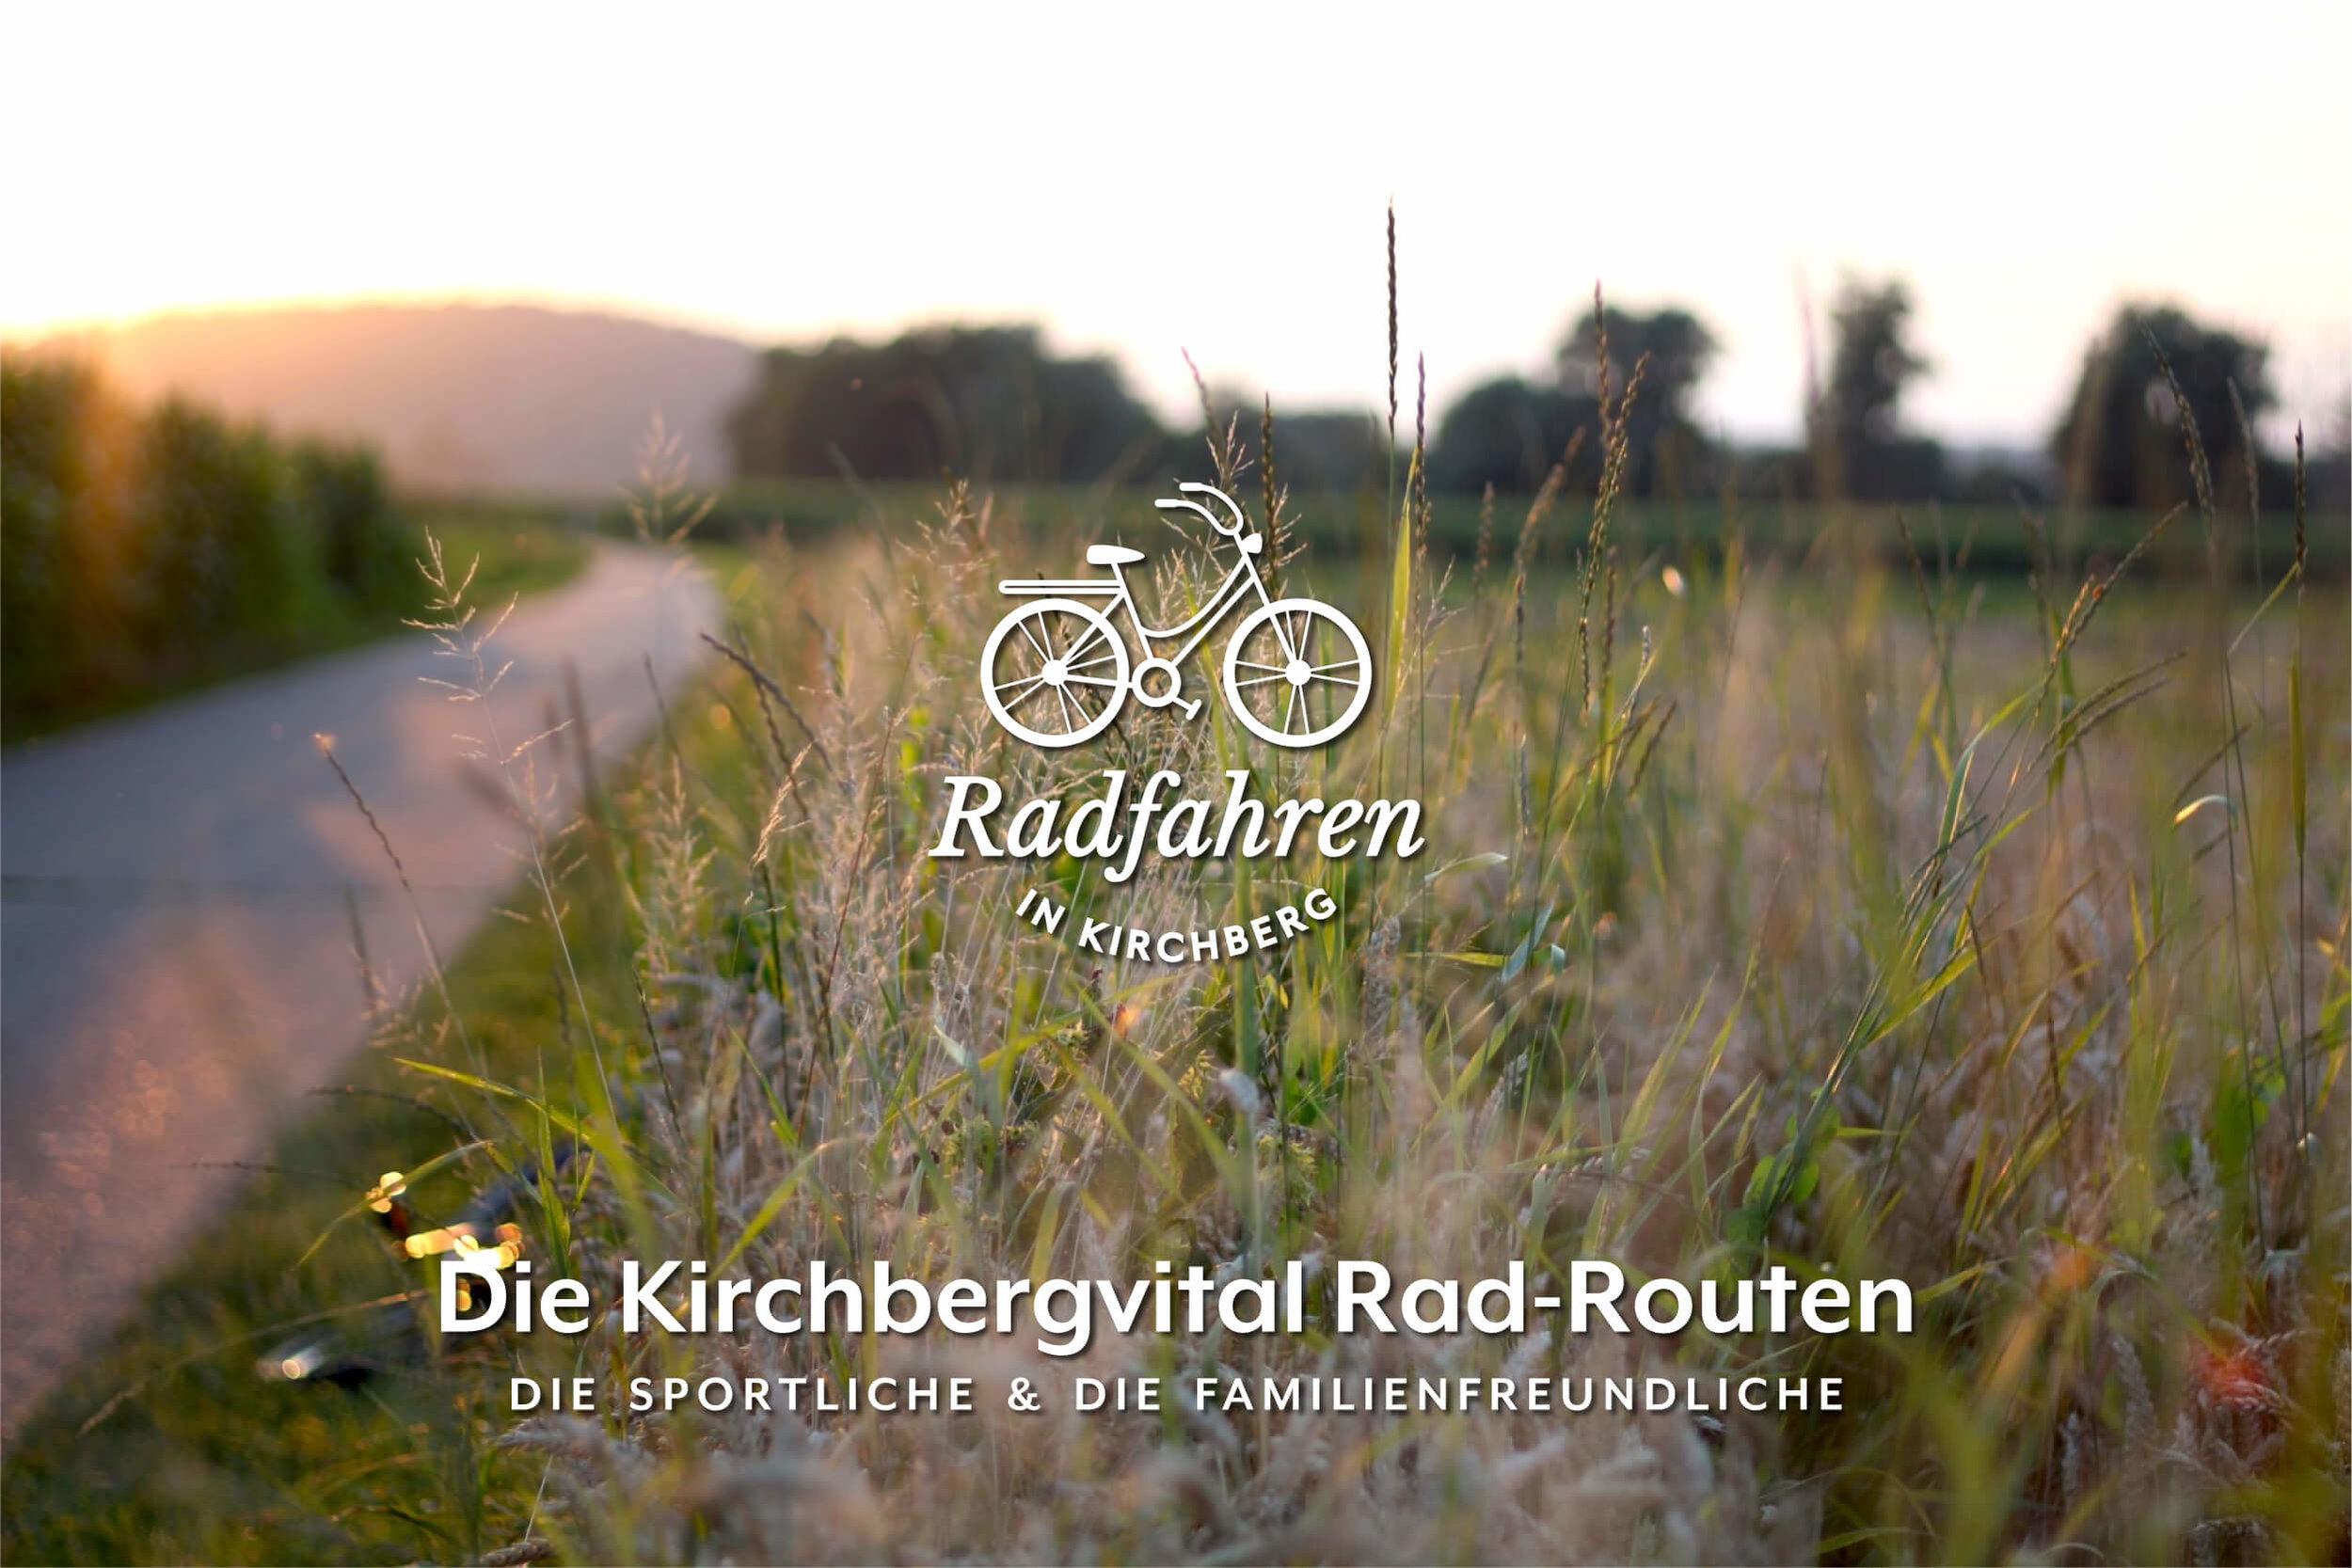 Die Kirchbervital Rad-Routen - Das alljährliche Vitalradeln von Kirchbergvital ist zwar ein perfekter Anlass, um unsere wunderschöne Gegend in Gesellschaft und auf zwei Rädern zu erkunden - aber das Jahr hat ja noch 364 andere Tage, an denen die beiden Vitalradeln-Radstrecken